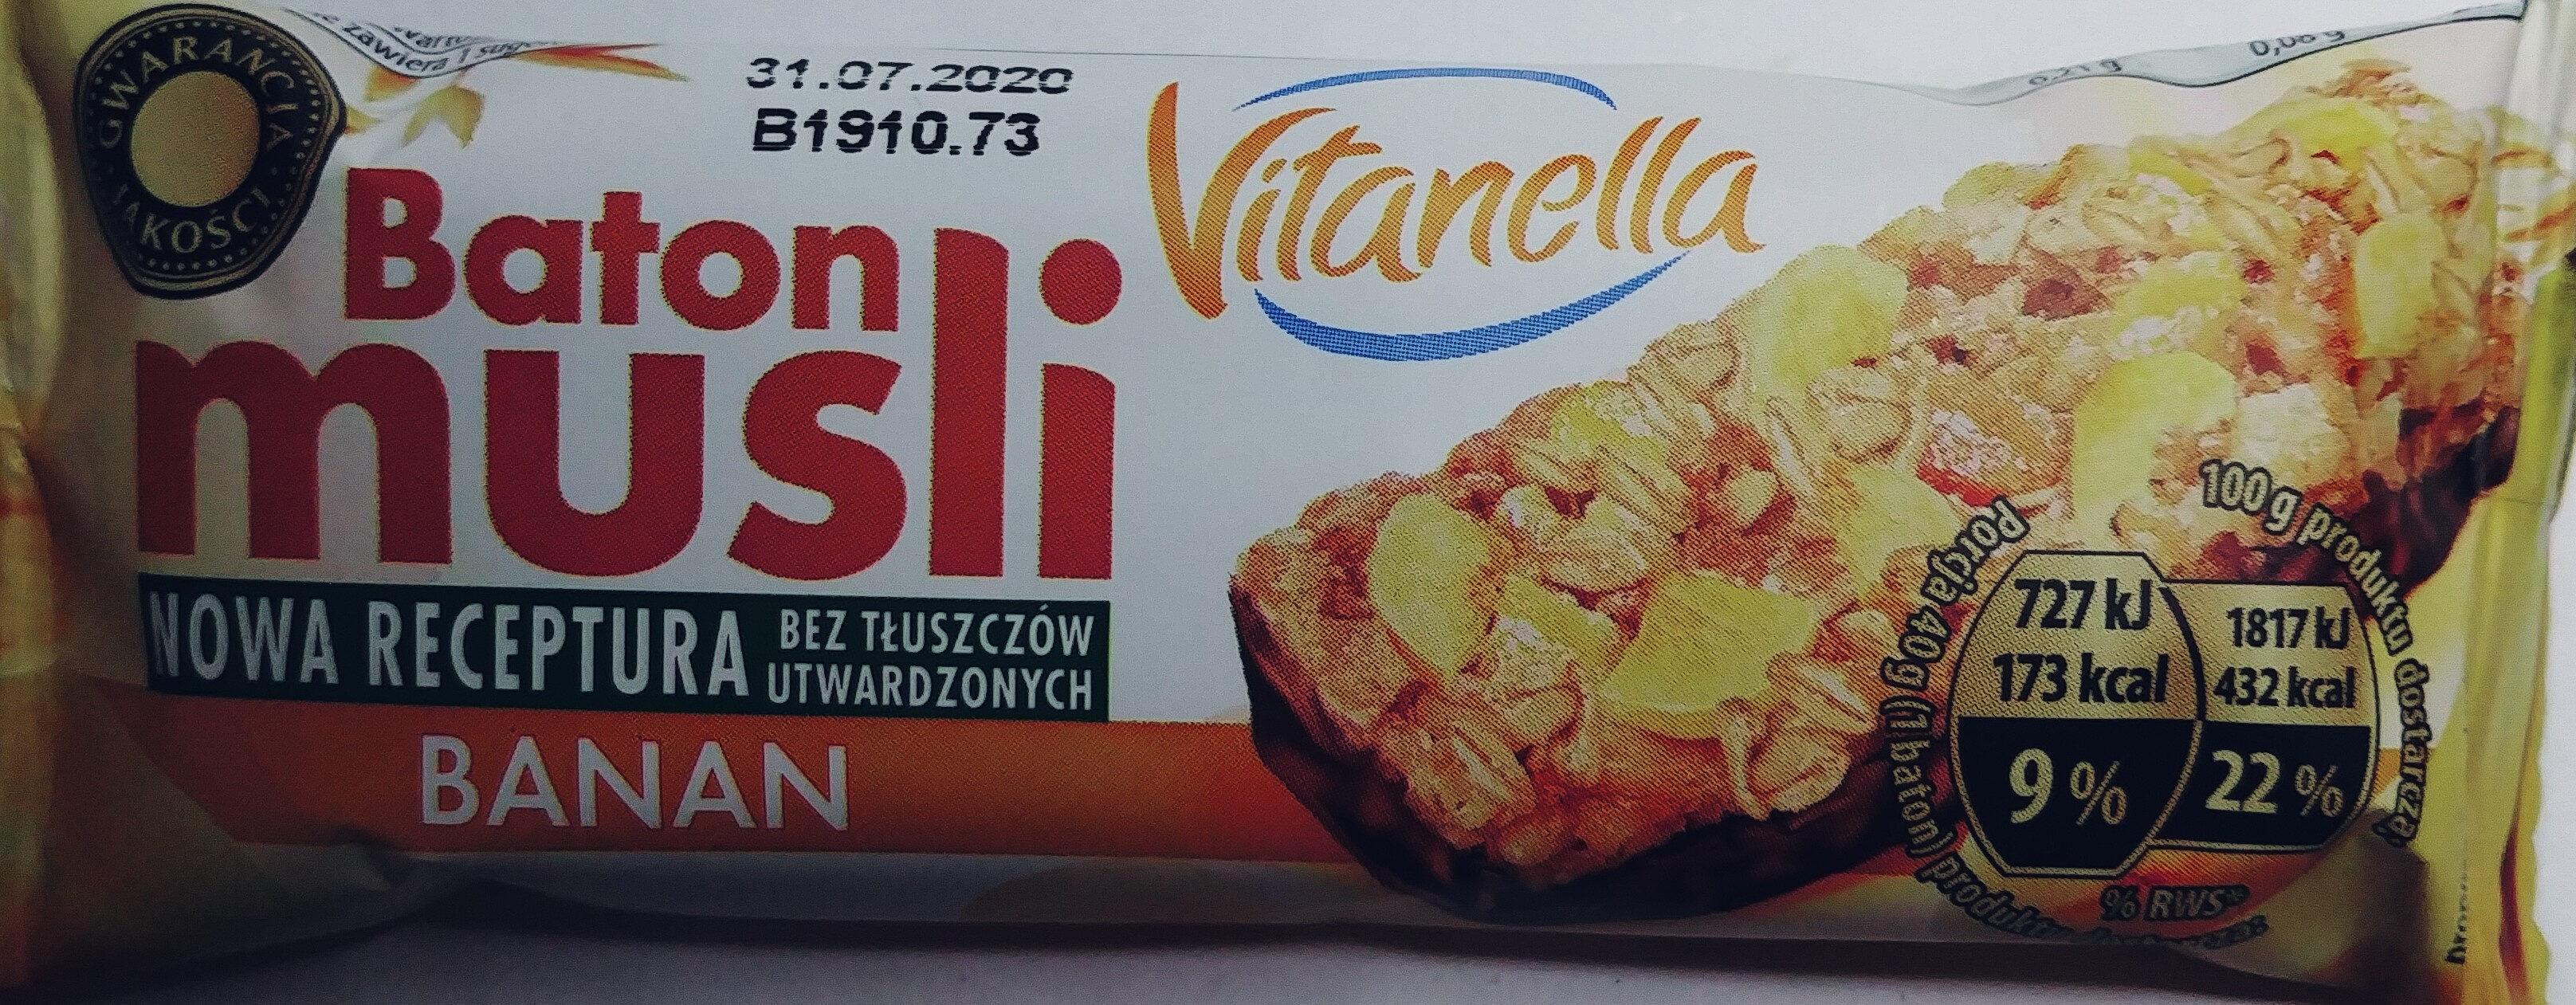 Baton zbożowy z bananami i polewą o smaku kakaowo-mlecznym. - Product - pl